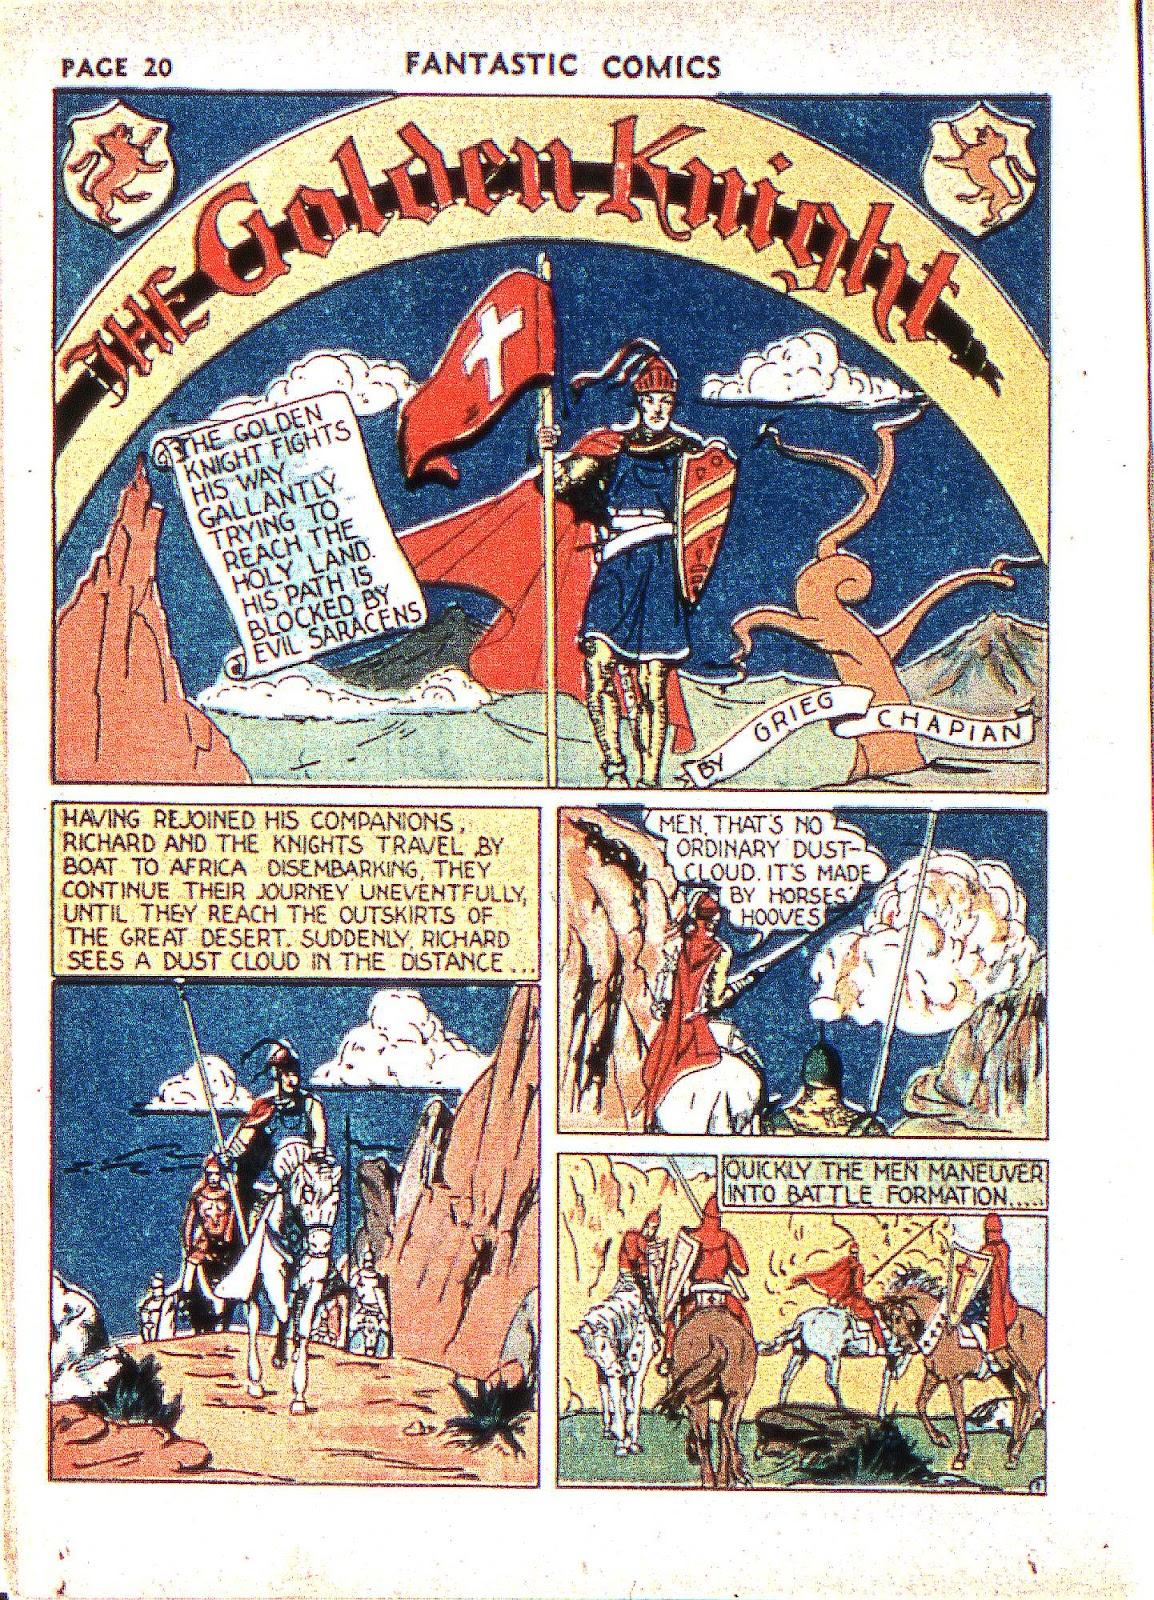 Read online Fantastic Comics comic -  Issue #2 - 22